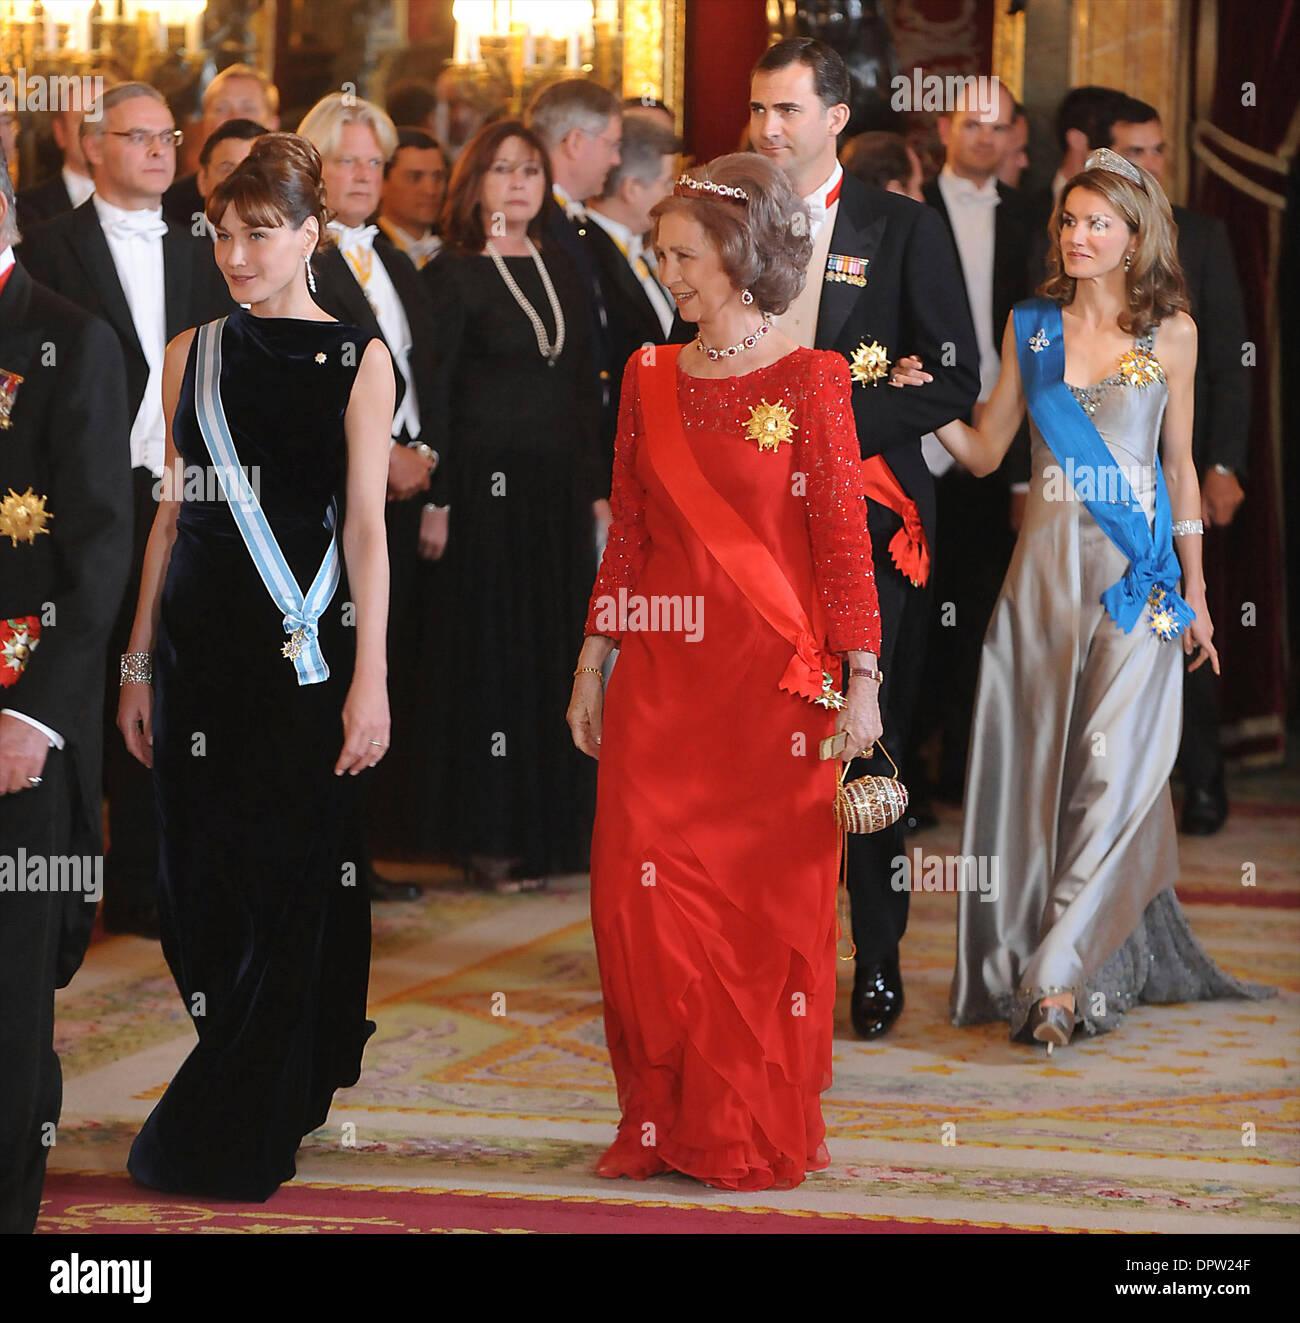 Apr 27, 2009 - Madrid, Madrid, España - Palacio Real. CARLA BRUNI Sarkozy, la Reina Sofía, el Príncipe Felipe y Foto de stock